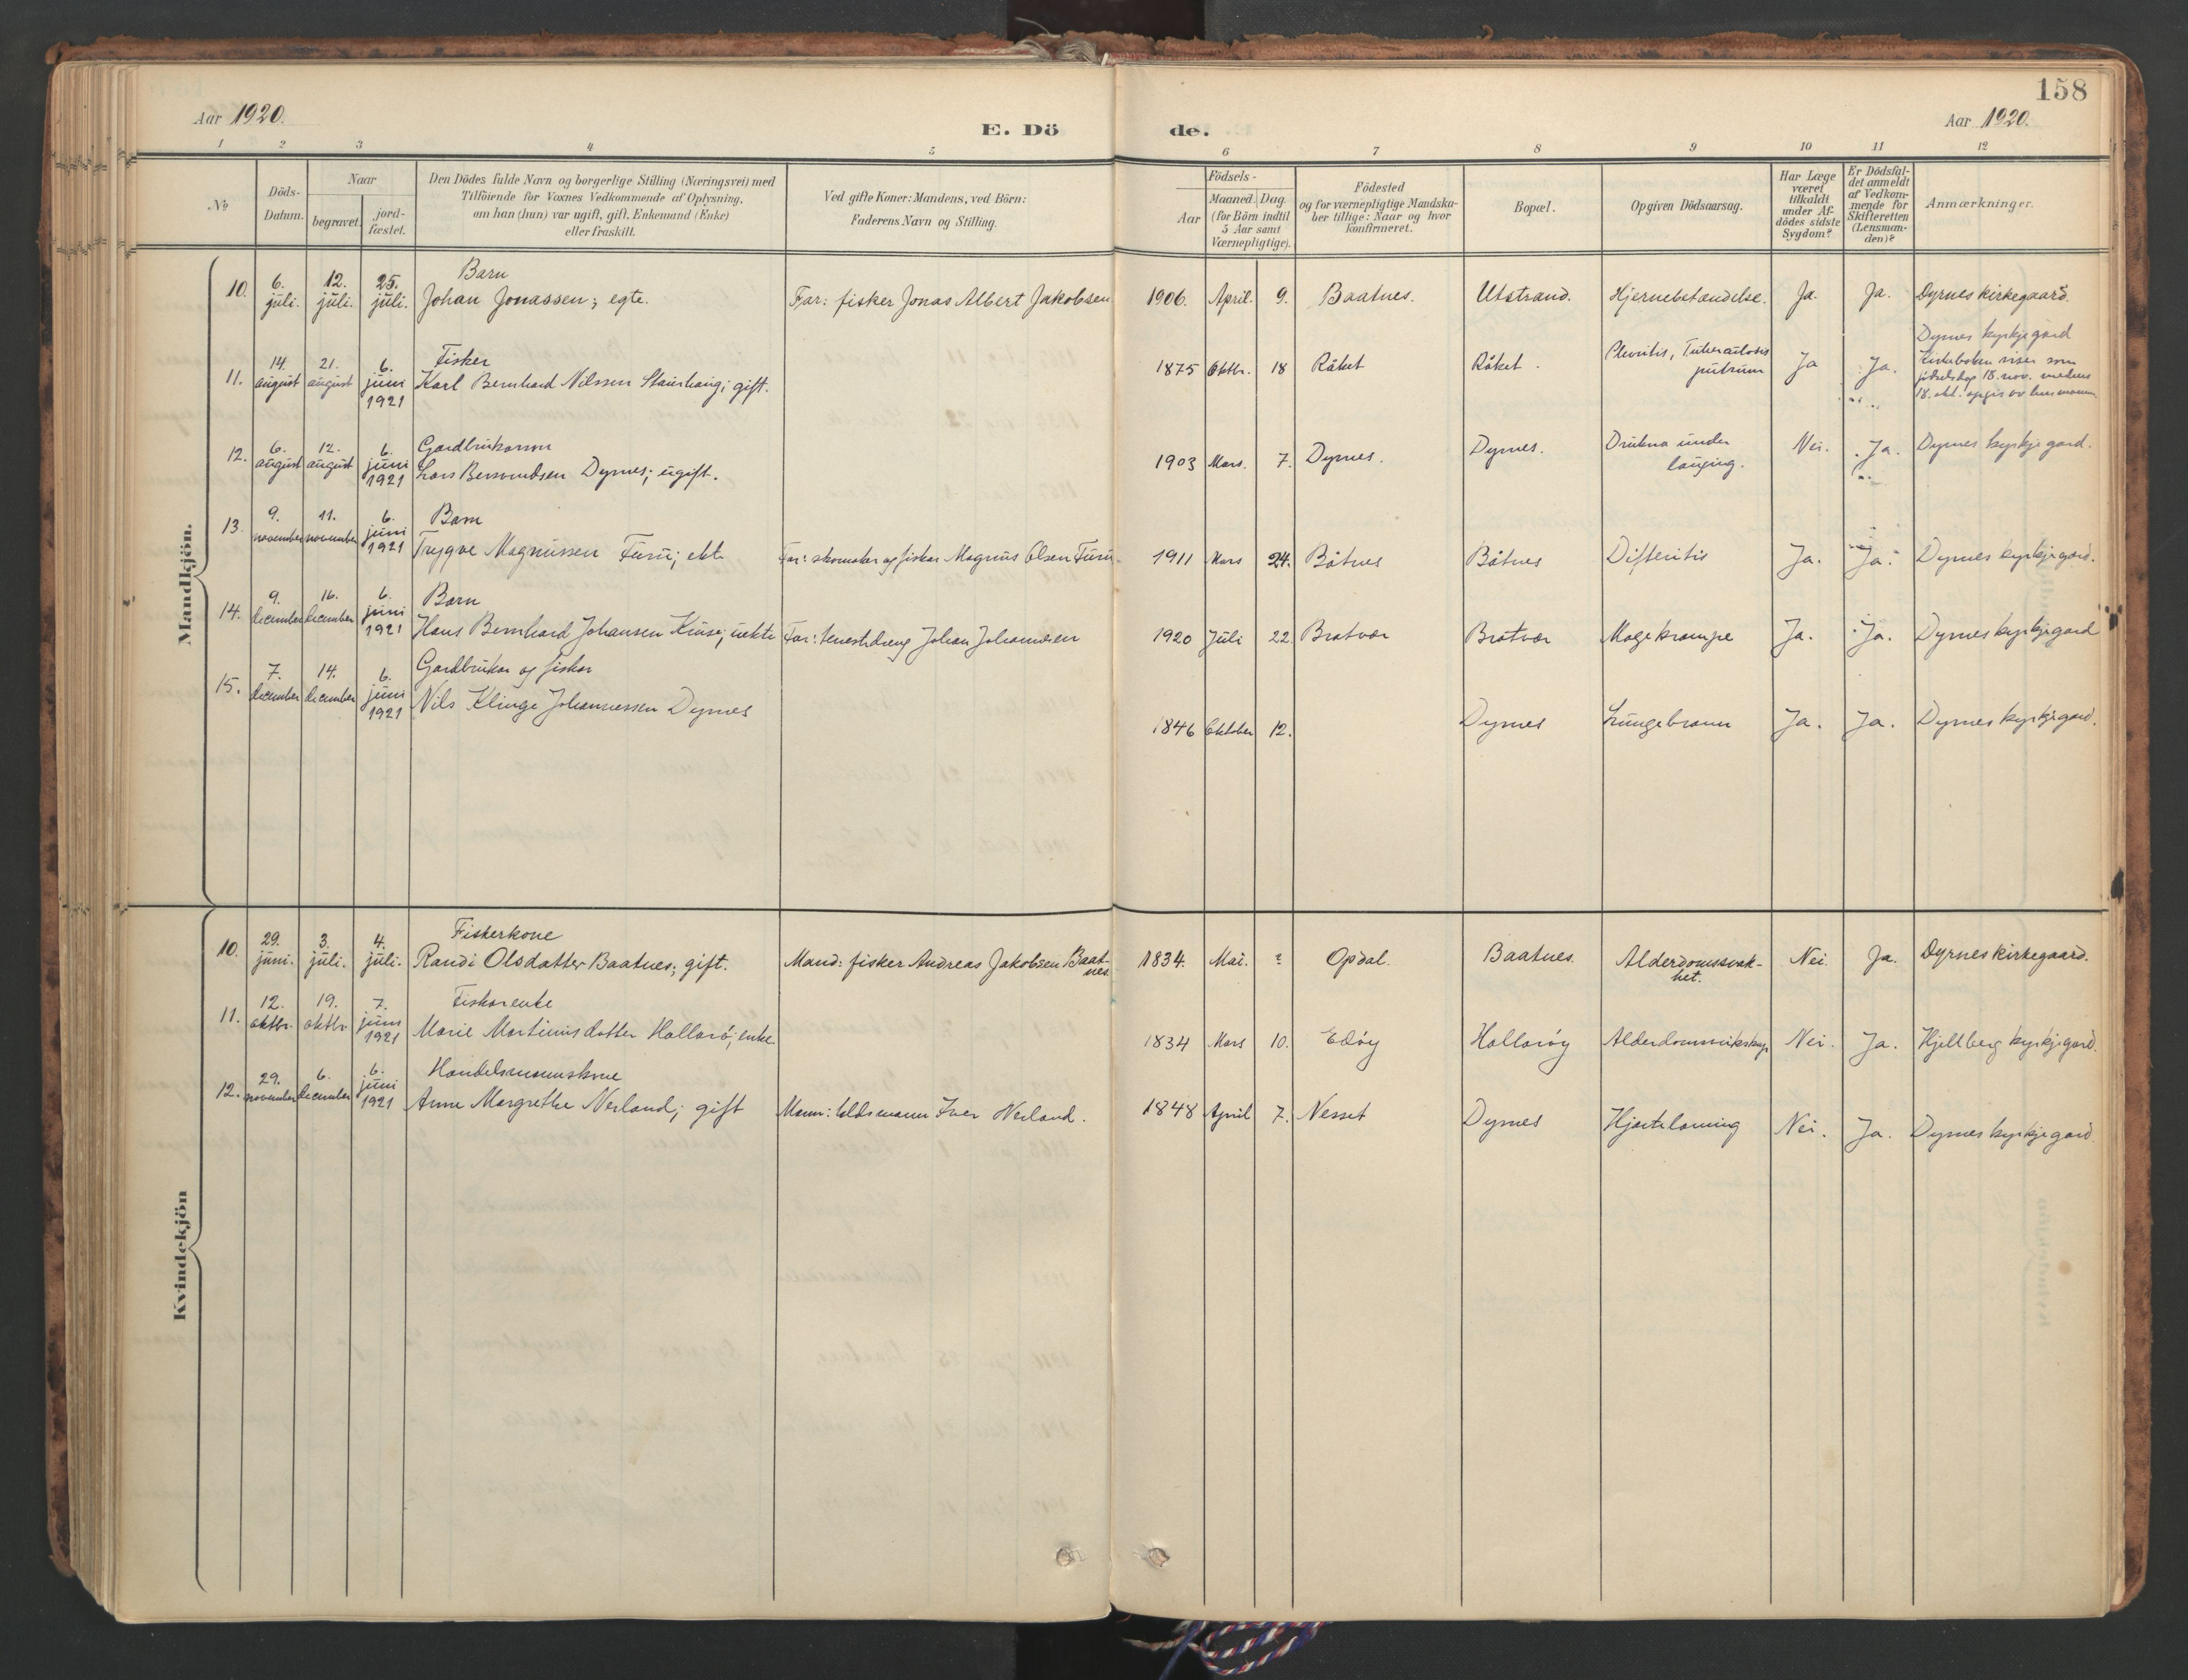 SAT, Ministerialprotokoller, klokkerbøker og fødselsregistre - Møre og Romsdal, 582/L0948: Ministerialbok nr. 582A02, 1901-1922, s. 158